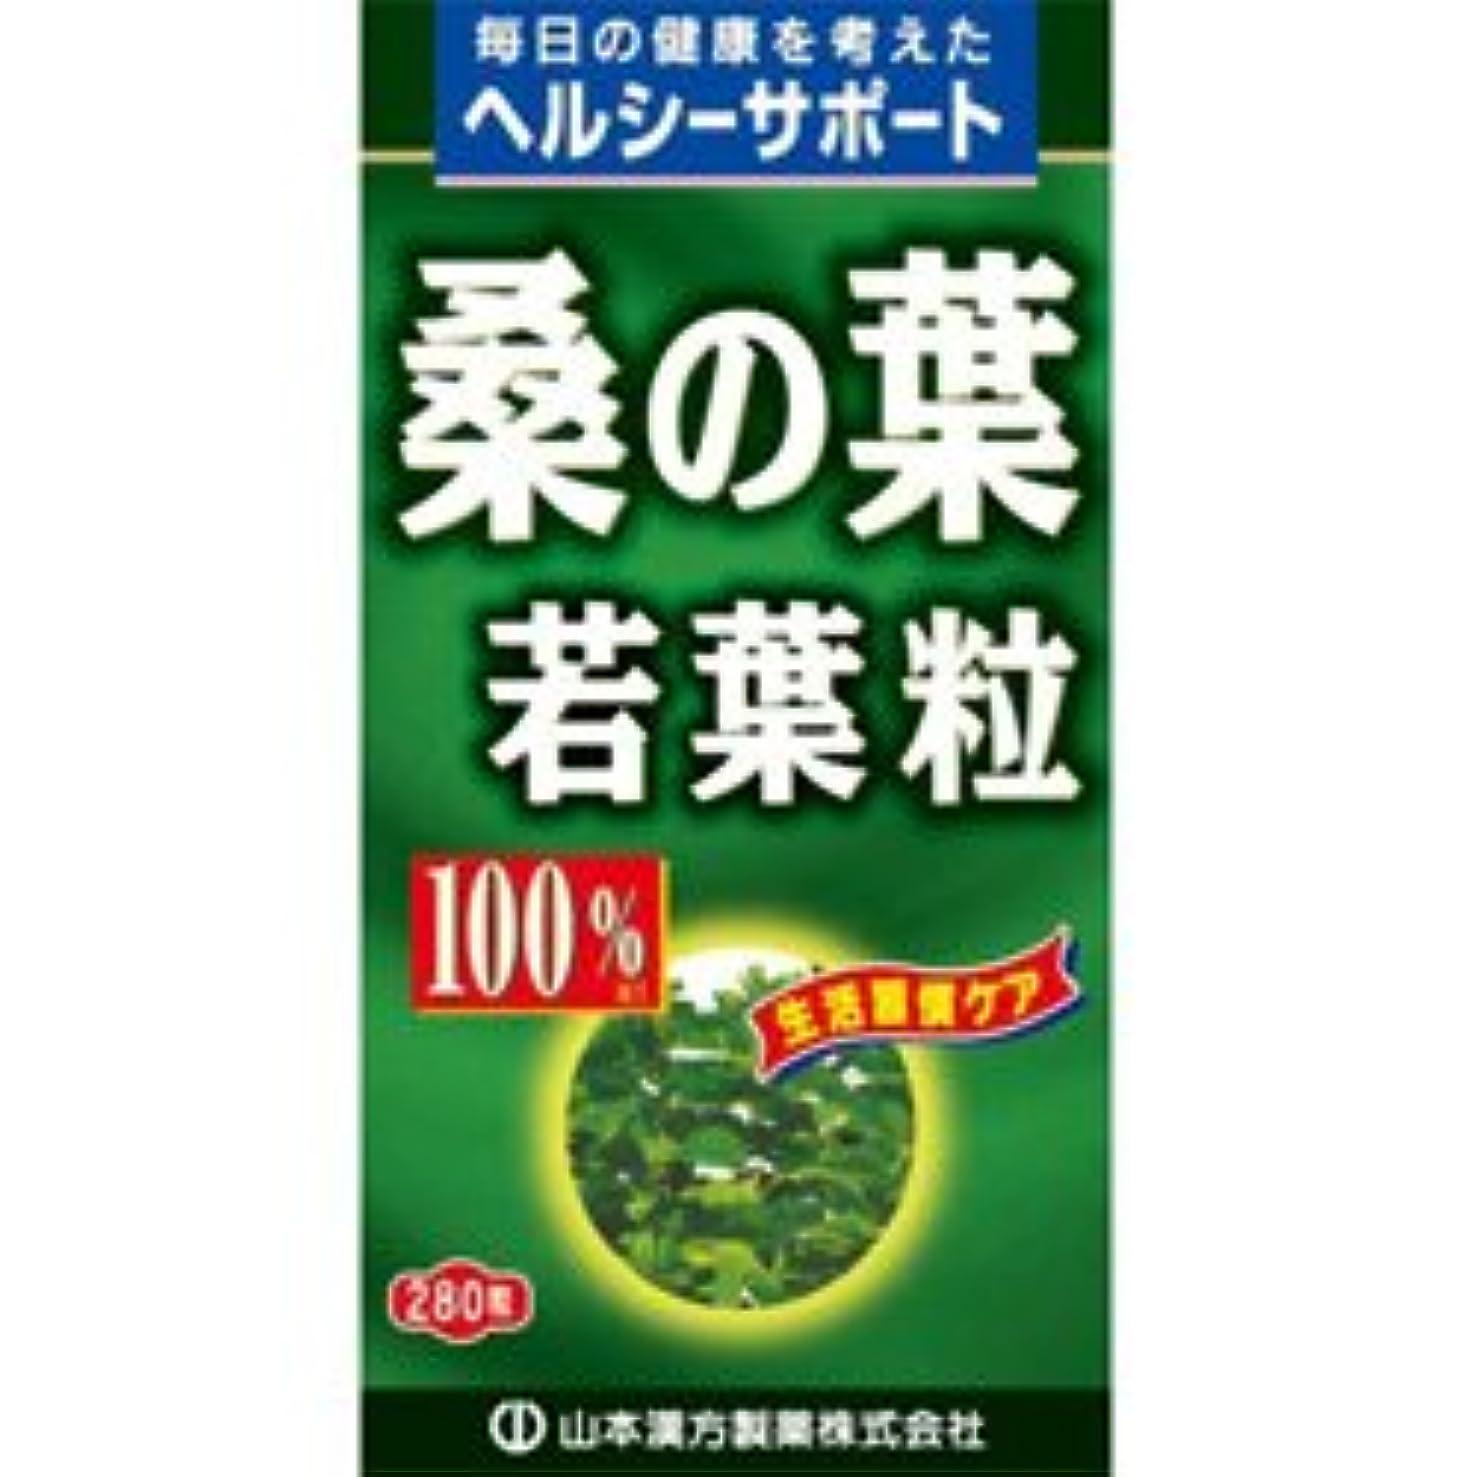 知り合いになる測る細心の【山本漢方製薬】桑の葉粒 100% 280粒 ×10個セット